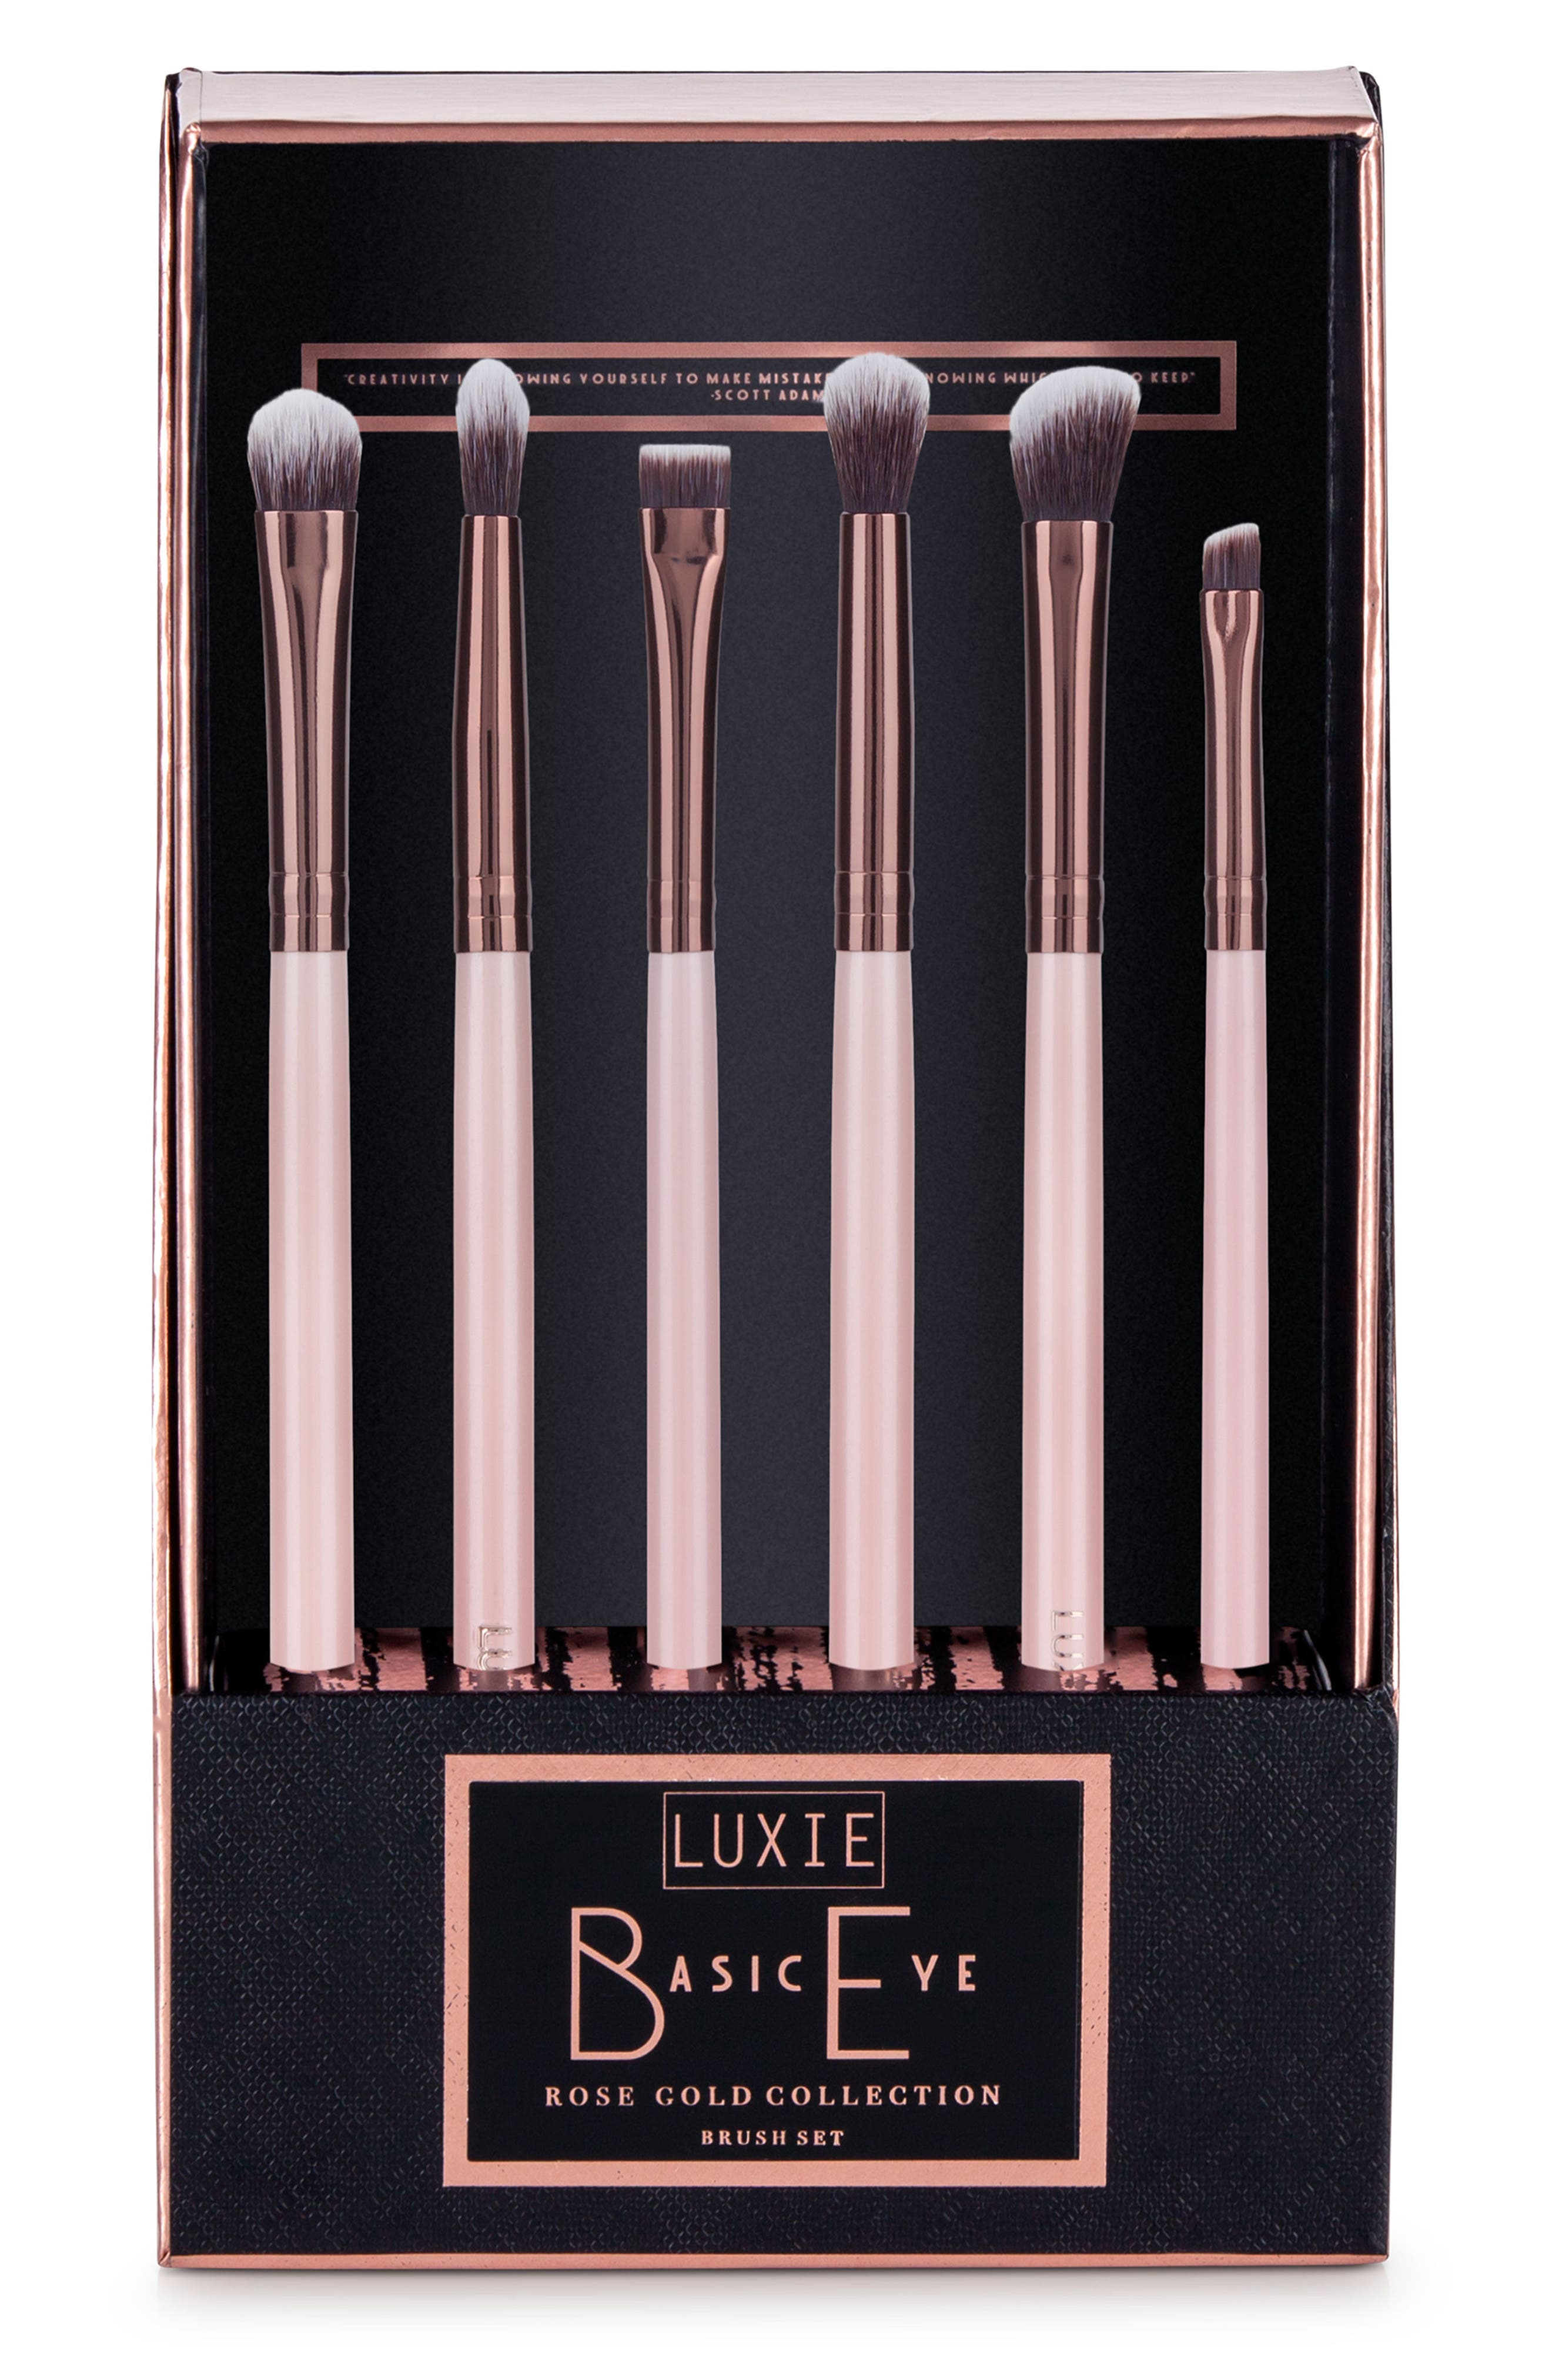 Luxie Rose Gold Basic Eye Brush Set ($70 Value)